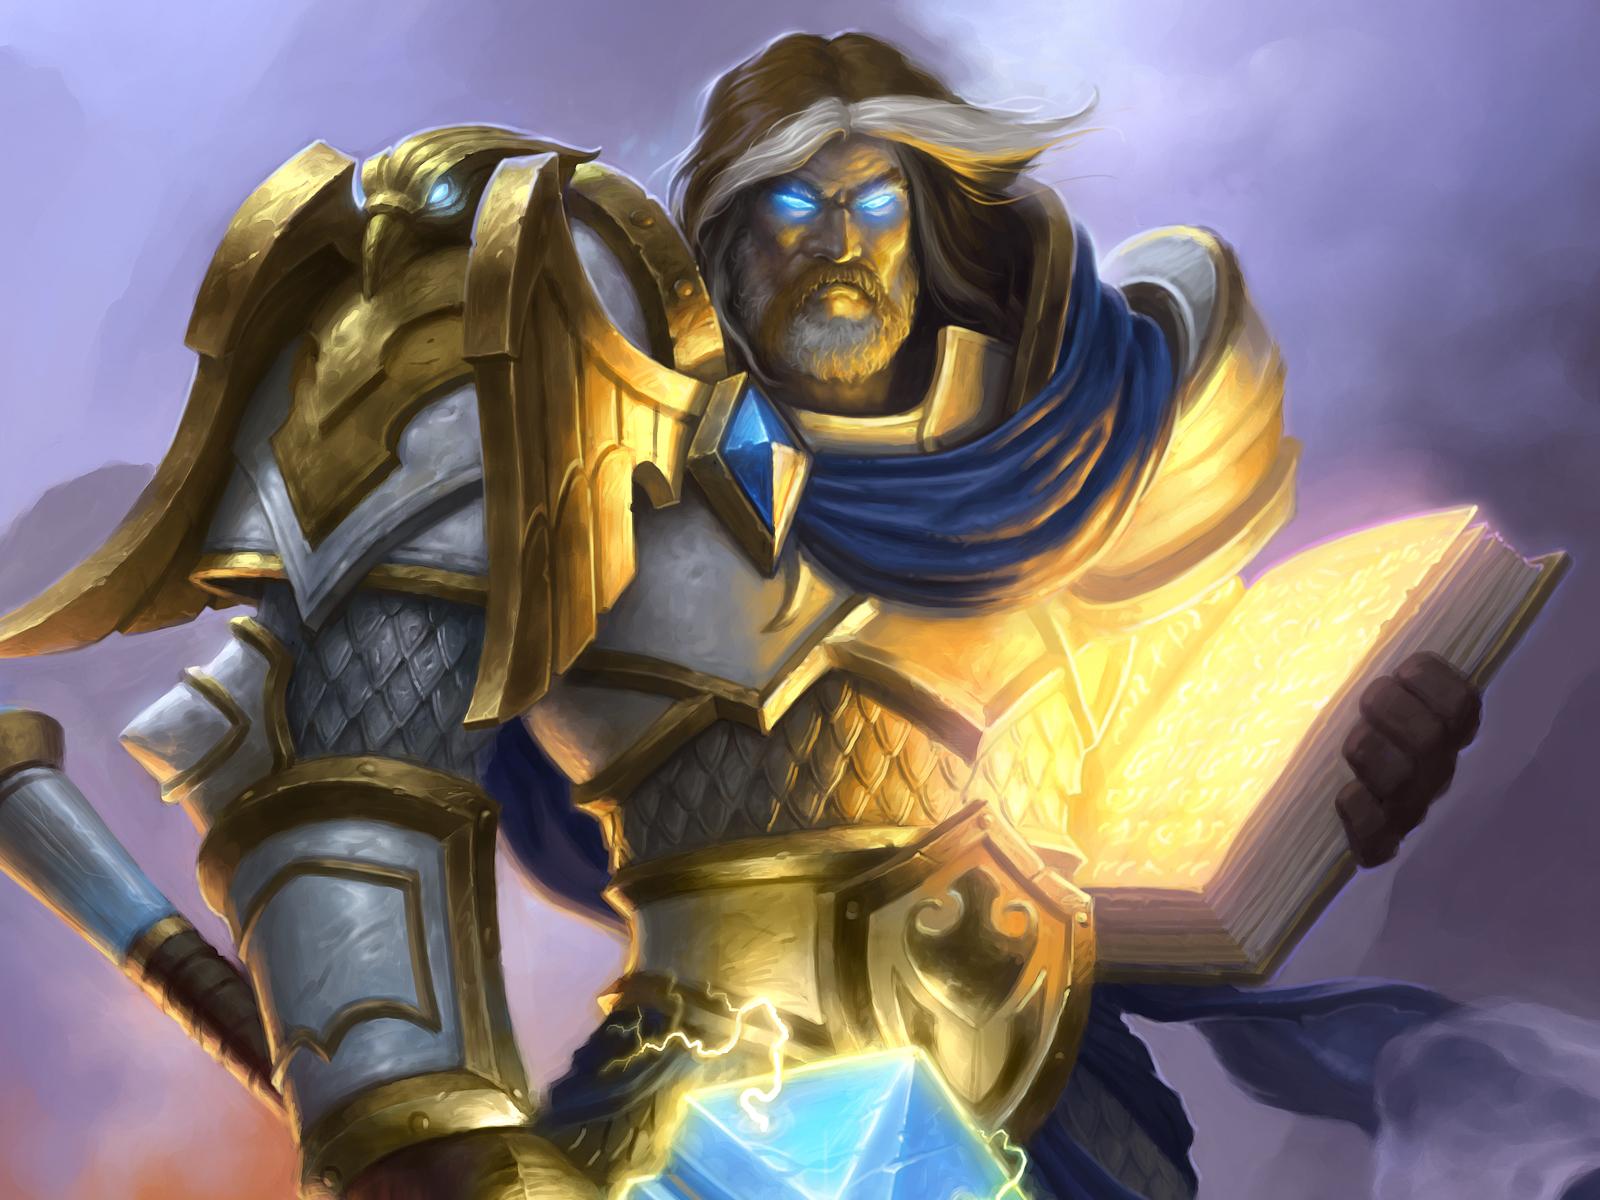 炉石传说小编逗比视频:圣骑士的神抽逆转胜